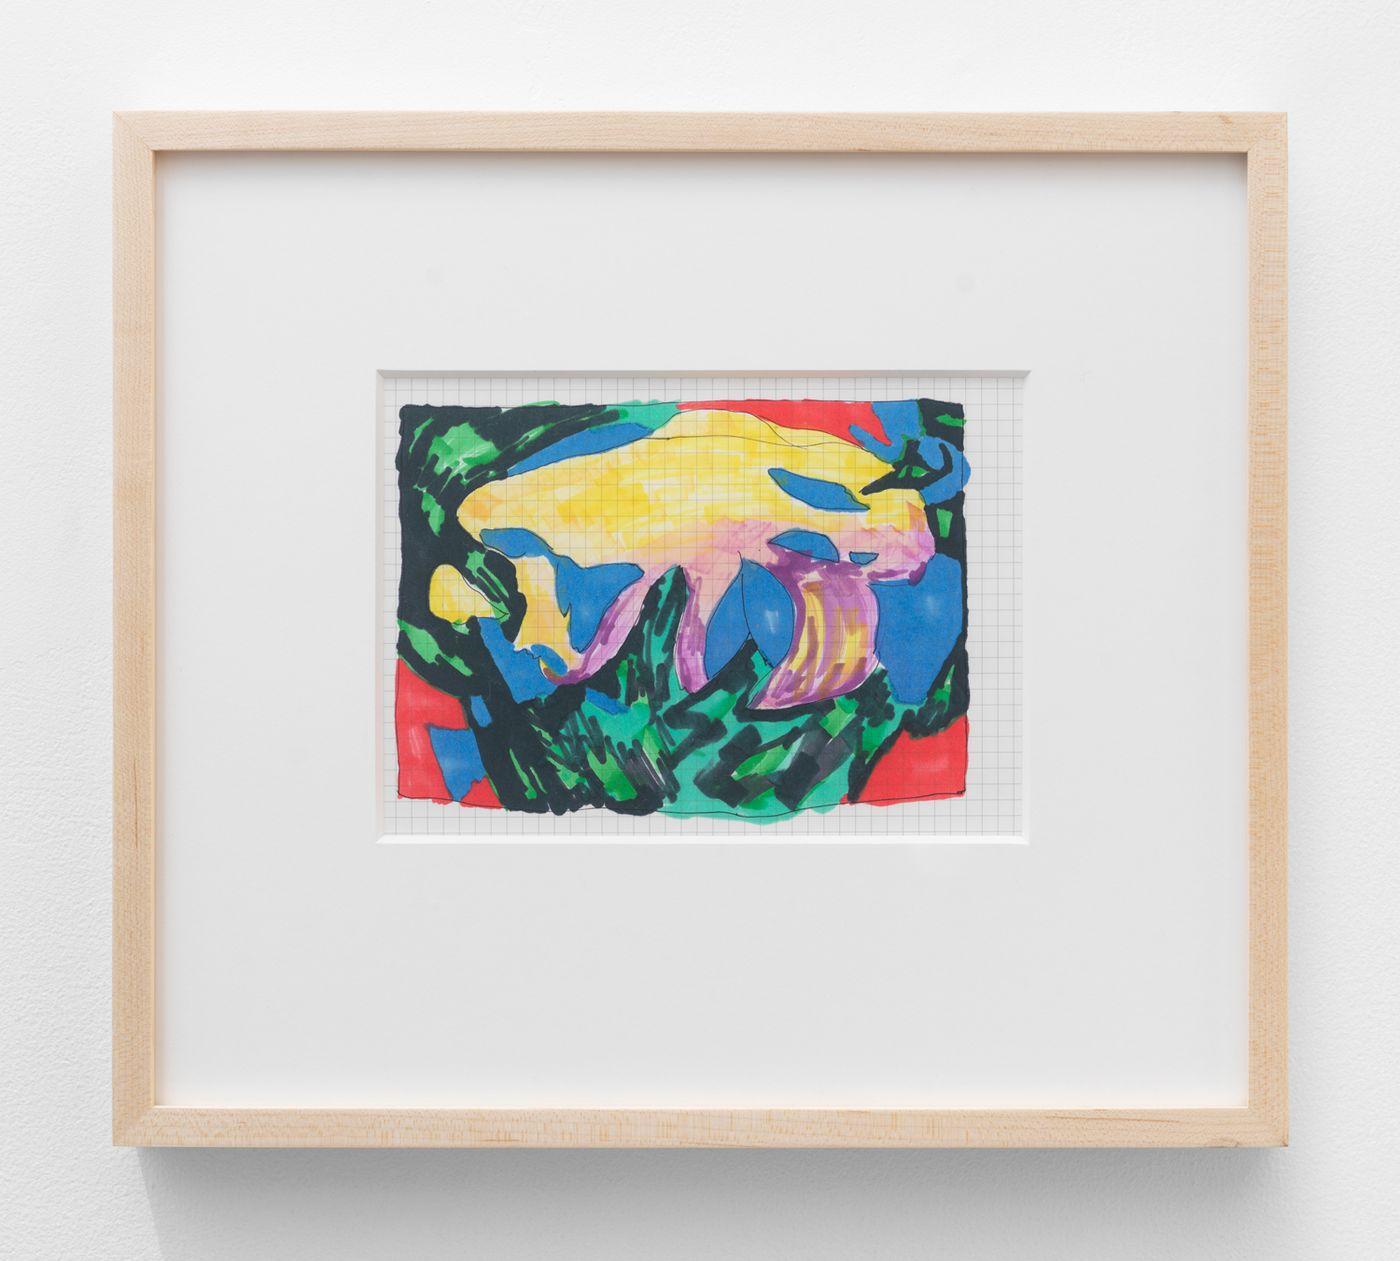 Olivia van Kuiken, Painting Plan, 2021. Ink on paper, 13 x 14.5 in (33 x 36.8 cm).